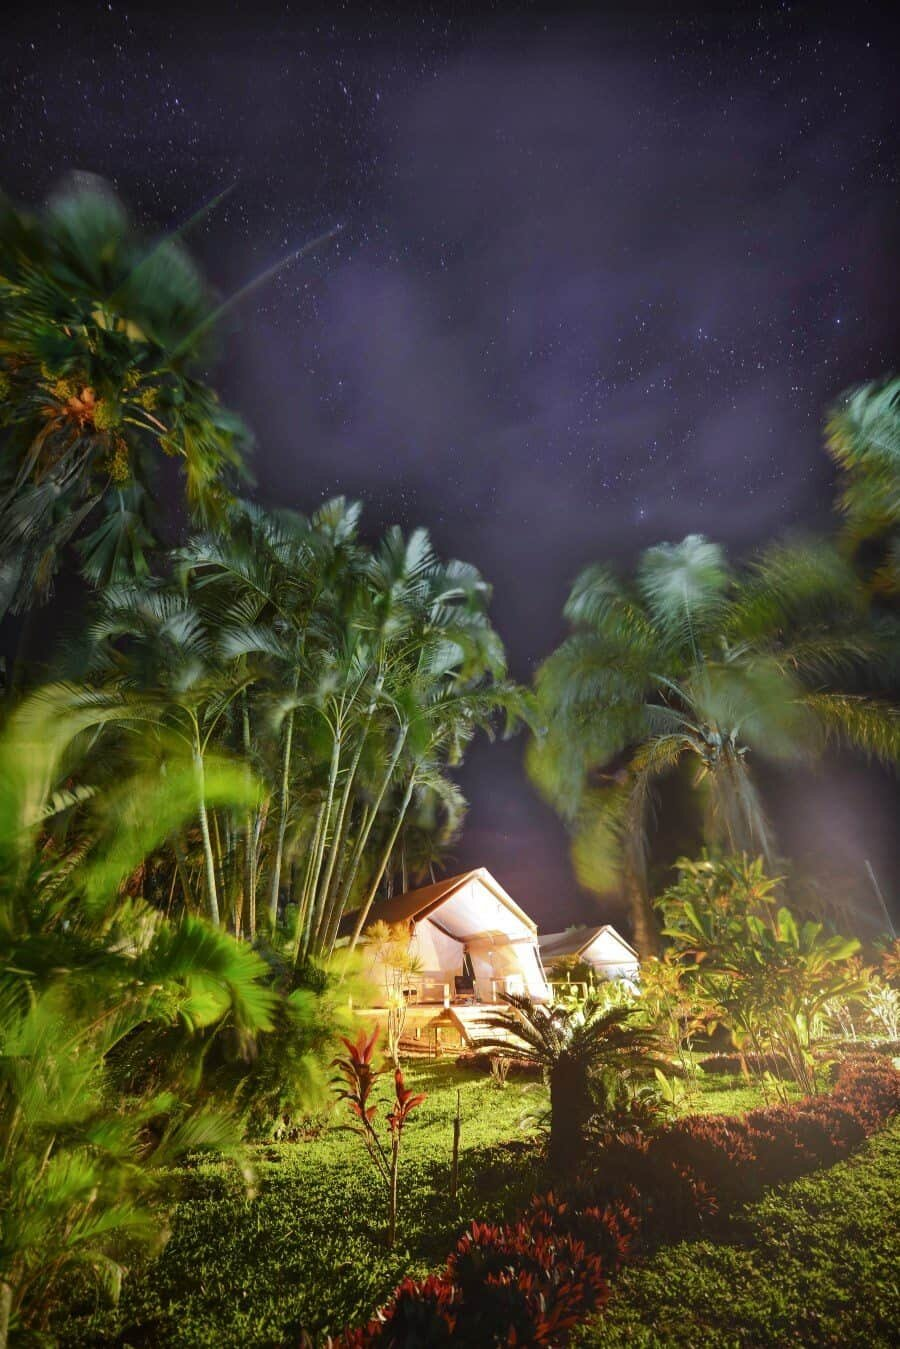 ikurangi-eco-retreat-rarotonga-cook-islands-16